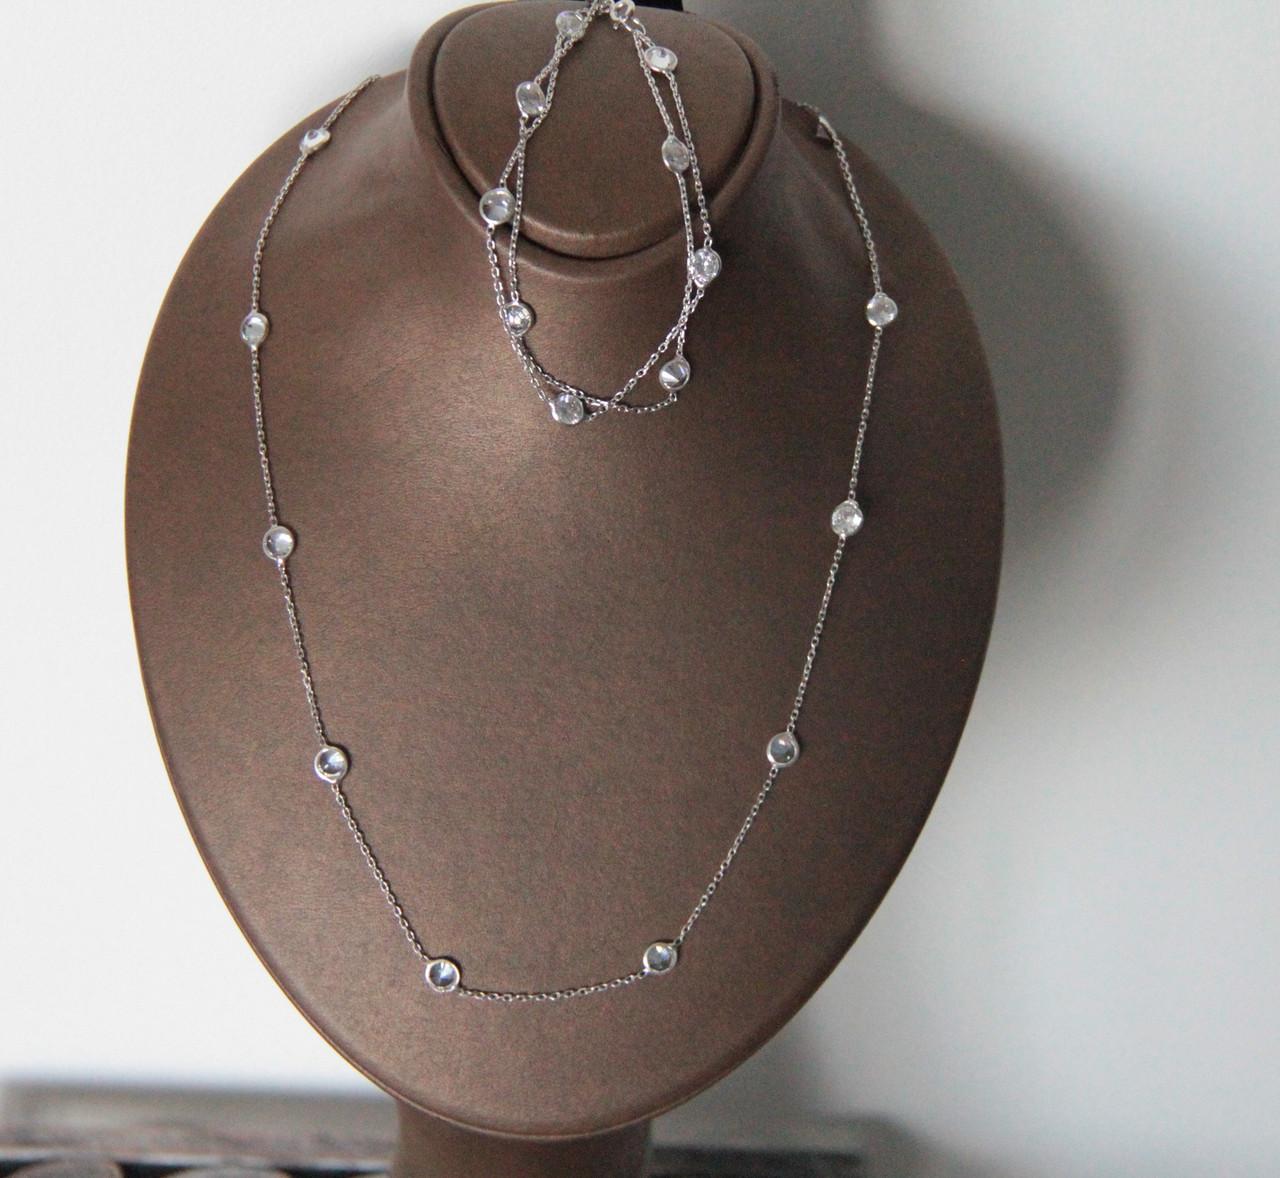 Набор  украшений  из серебра 925 Мої прикраси (Цепочка + Браслет)